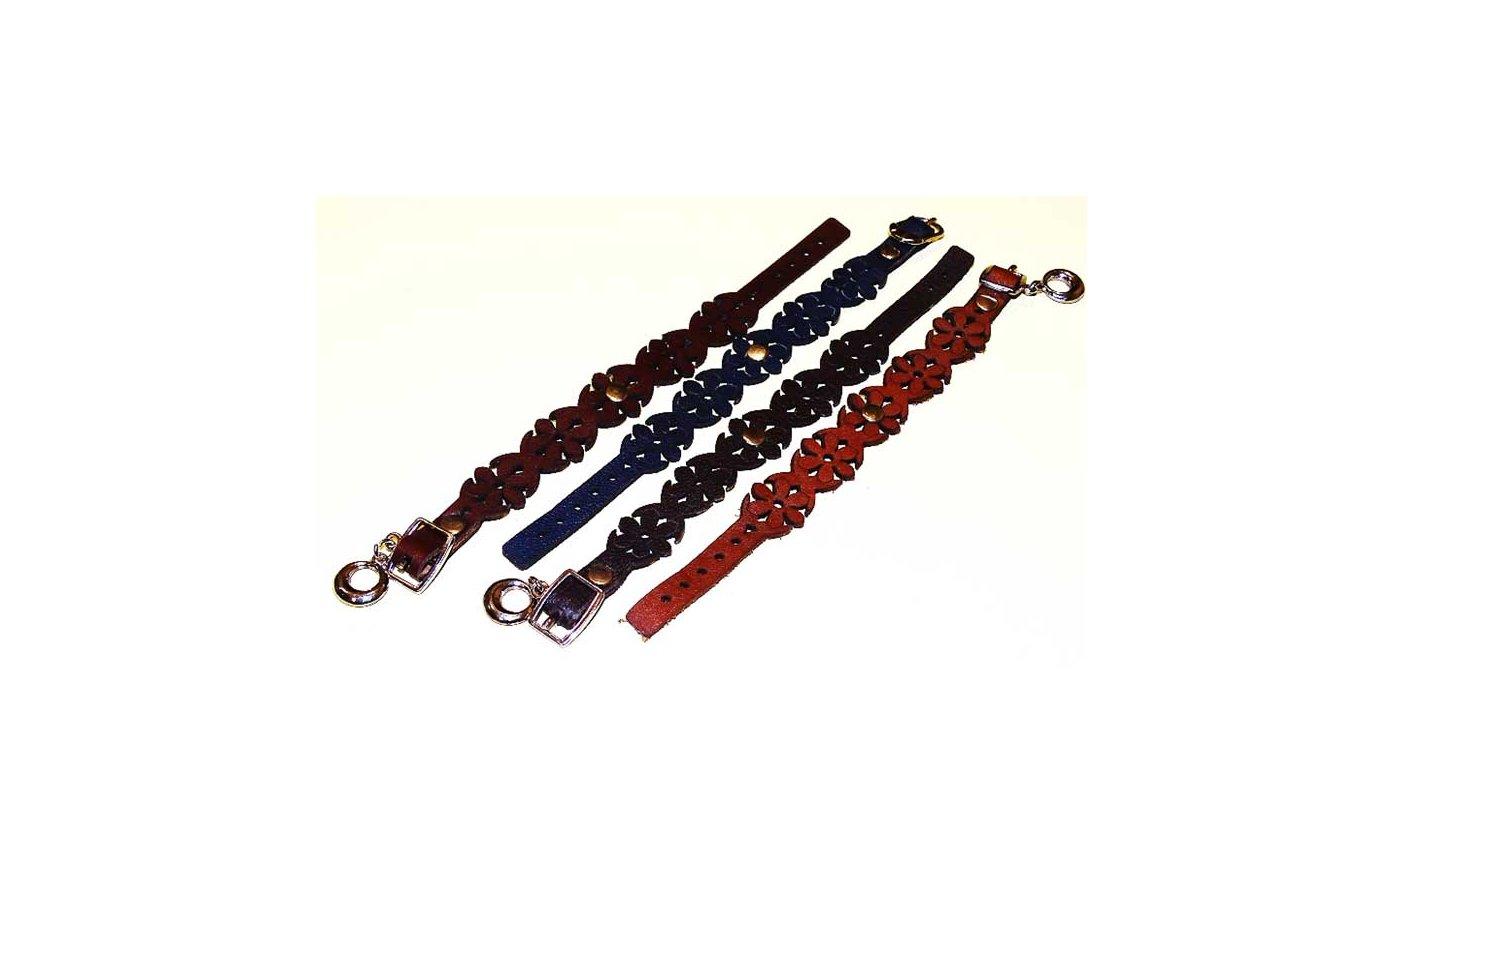 دستبند چرمی طرح گلسا چرم گاو